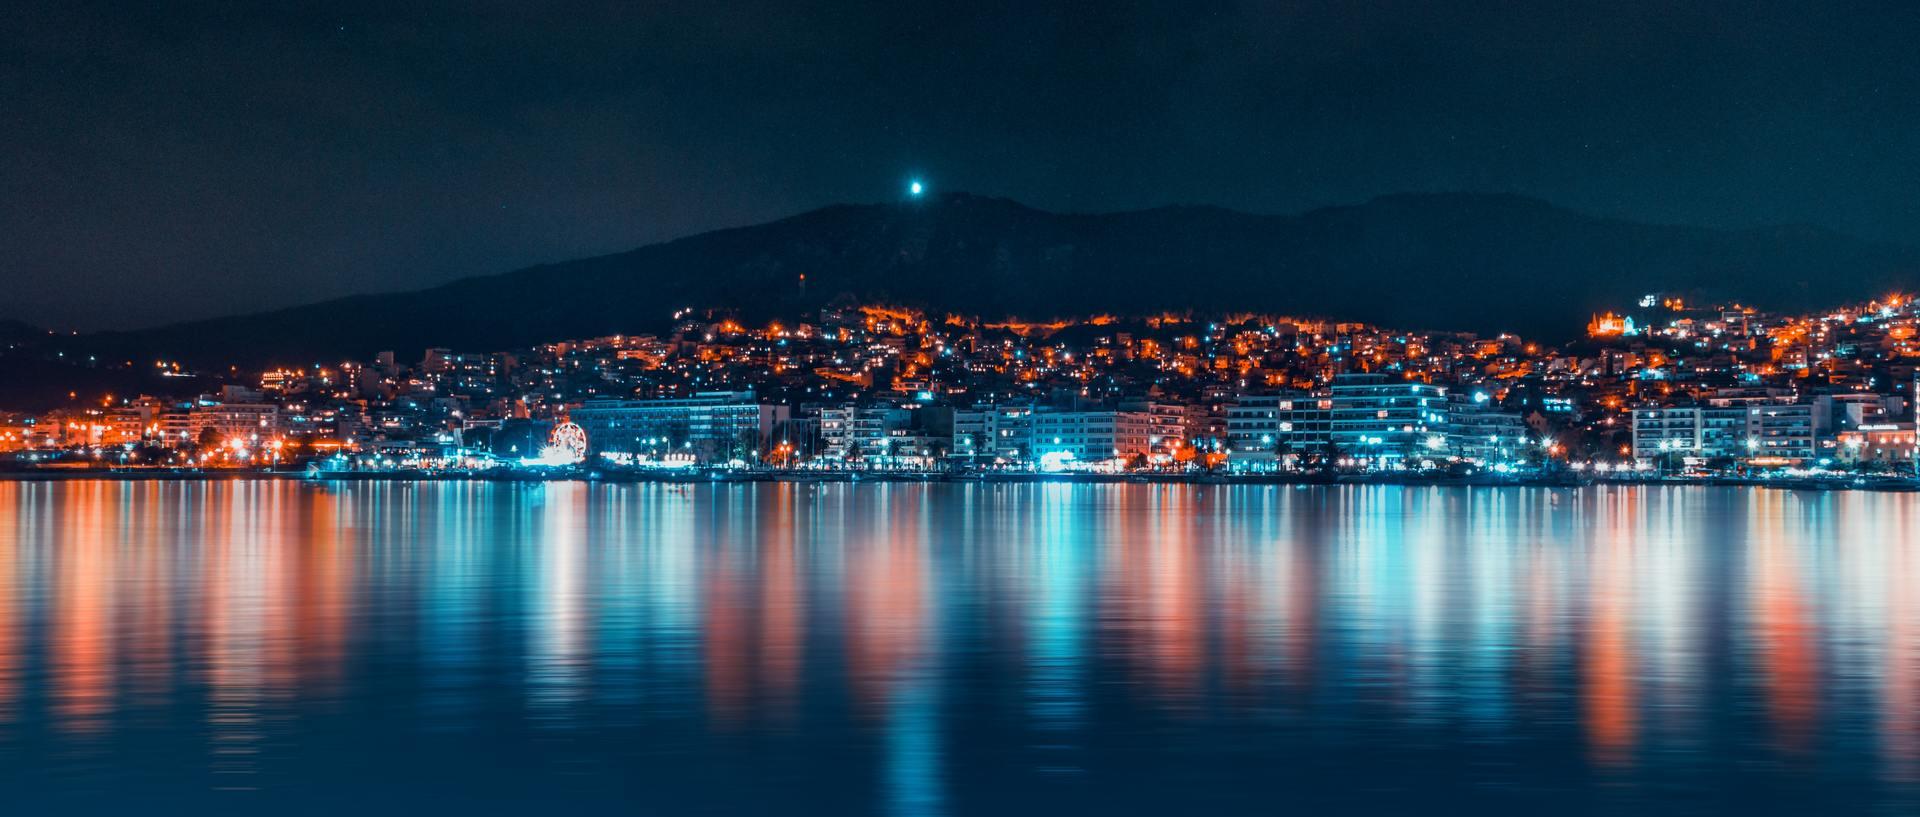 Thành phố về đêm tuyệt đẹp